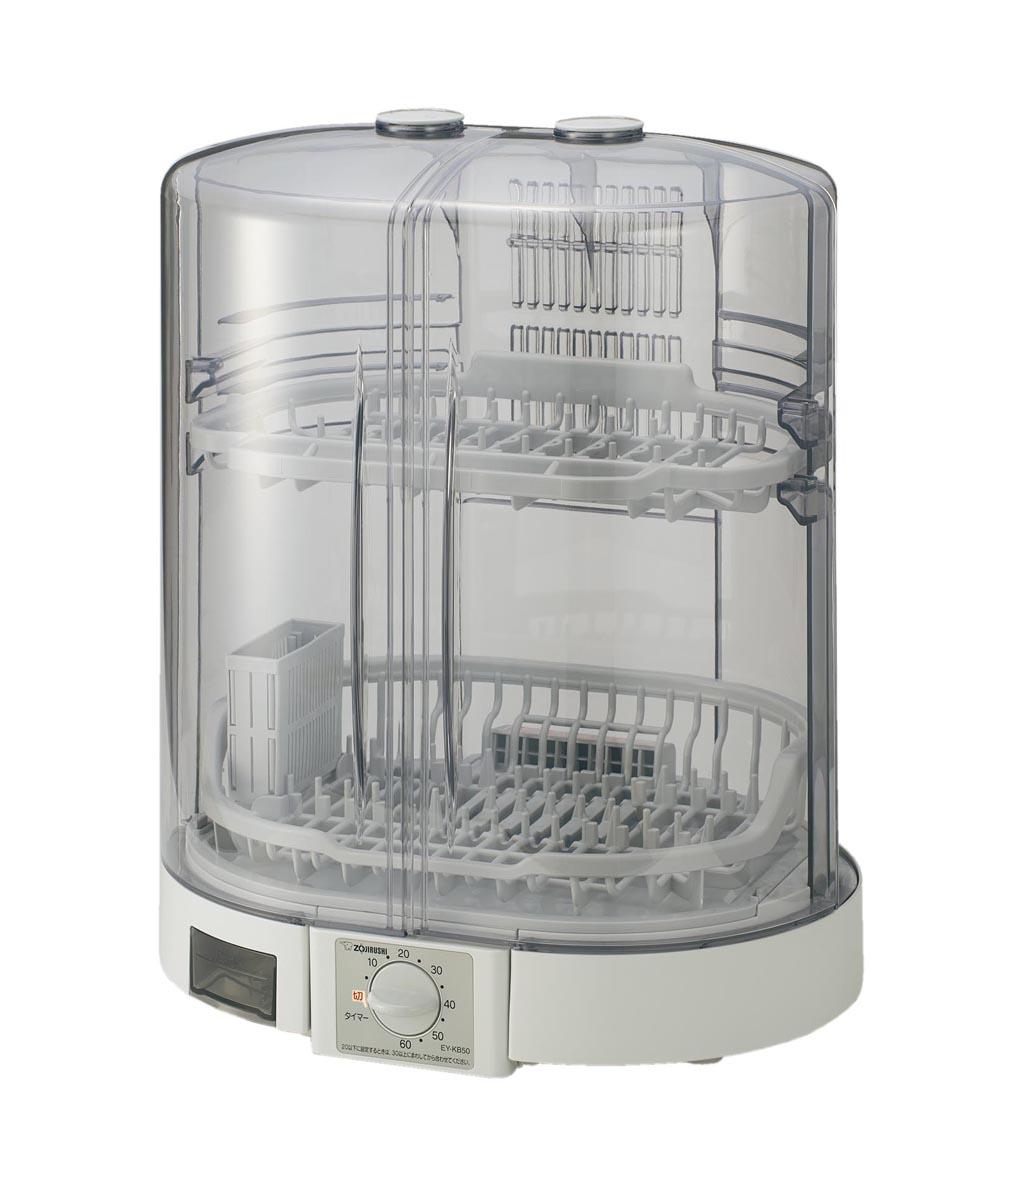 象印フレスコ ラボドライヤー(食器乾燥器) EY-KB50